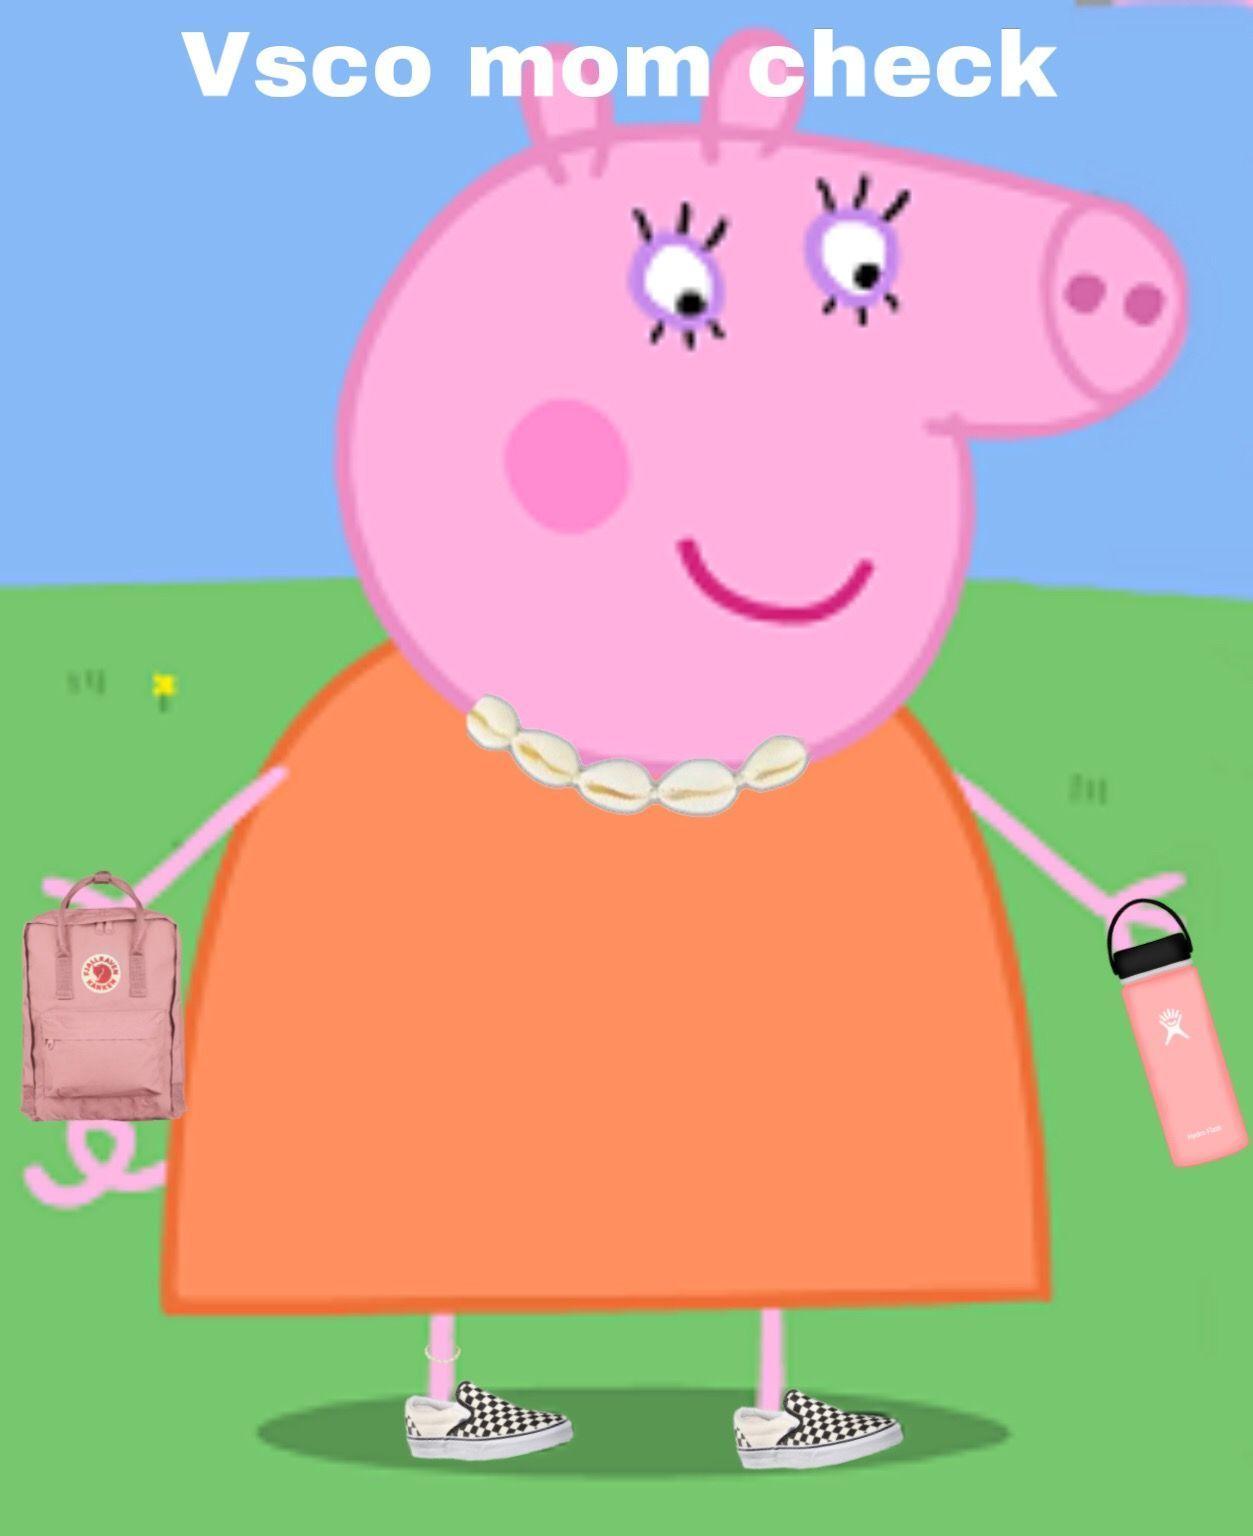 Vsco Momie Pig Peppapig Skskksksksksk Peppapig Vsco Momie Pig Peppapig Skskksksksksk In 2020 Peppa Pig Wallpaper Peppa Pig Memes Pig Memes